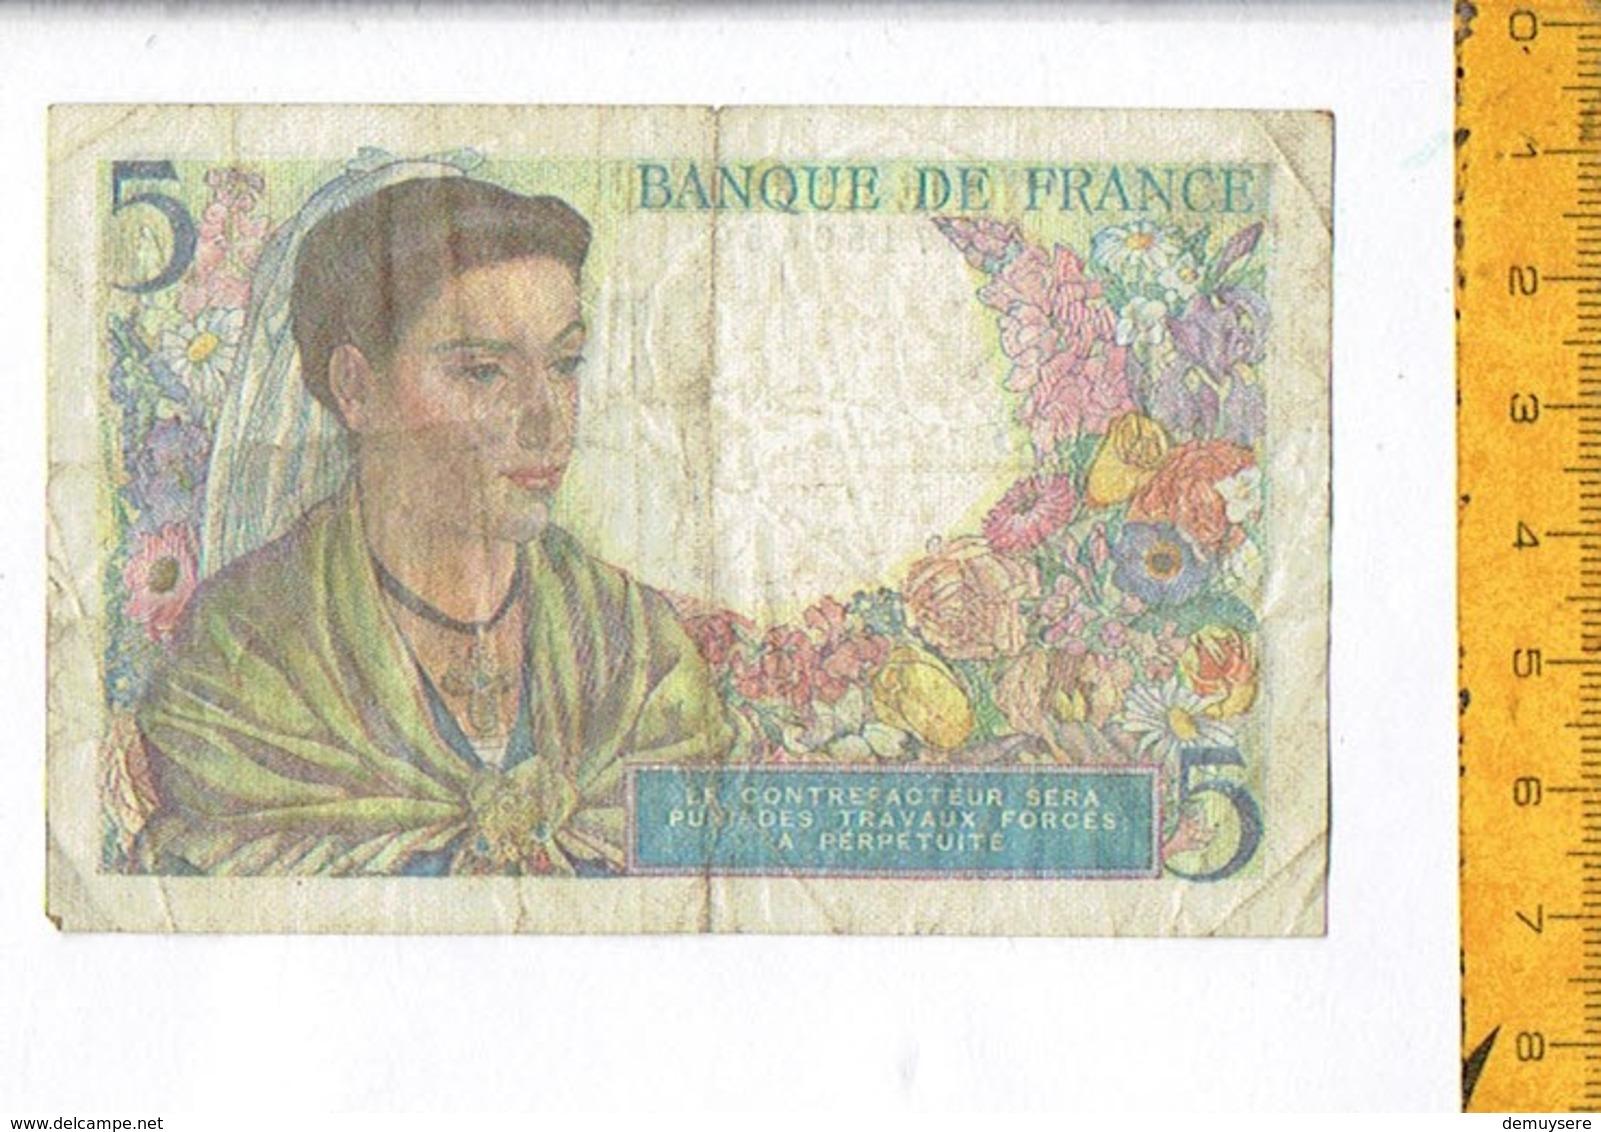 BANQUE DE FRANCE CINQ - 5 F 1943-1947 ''Berger''